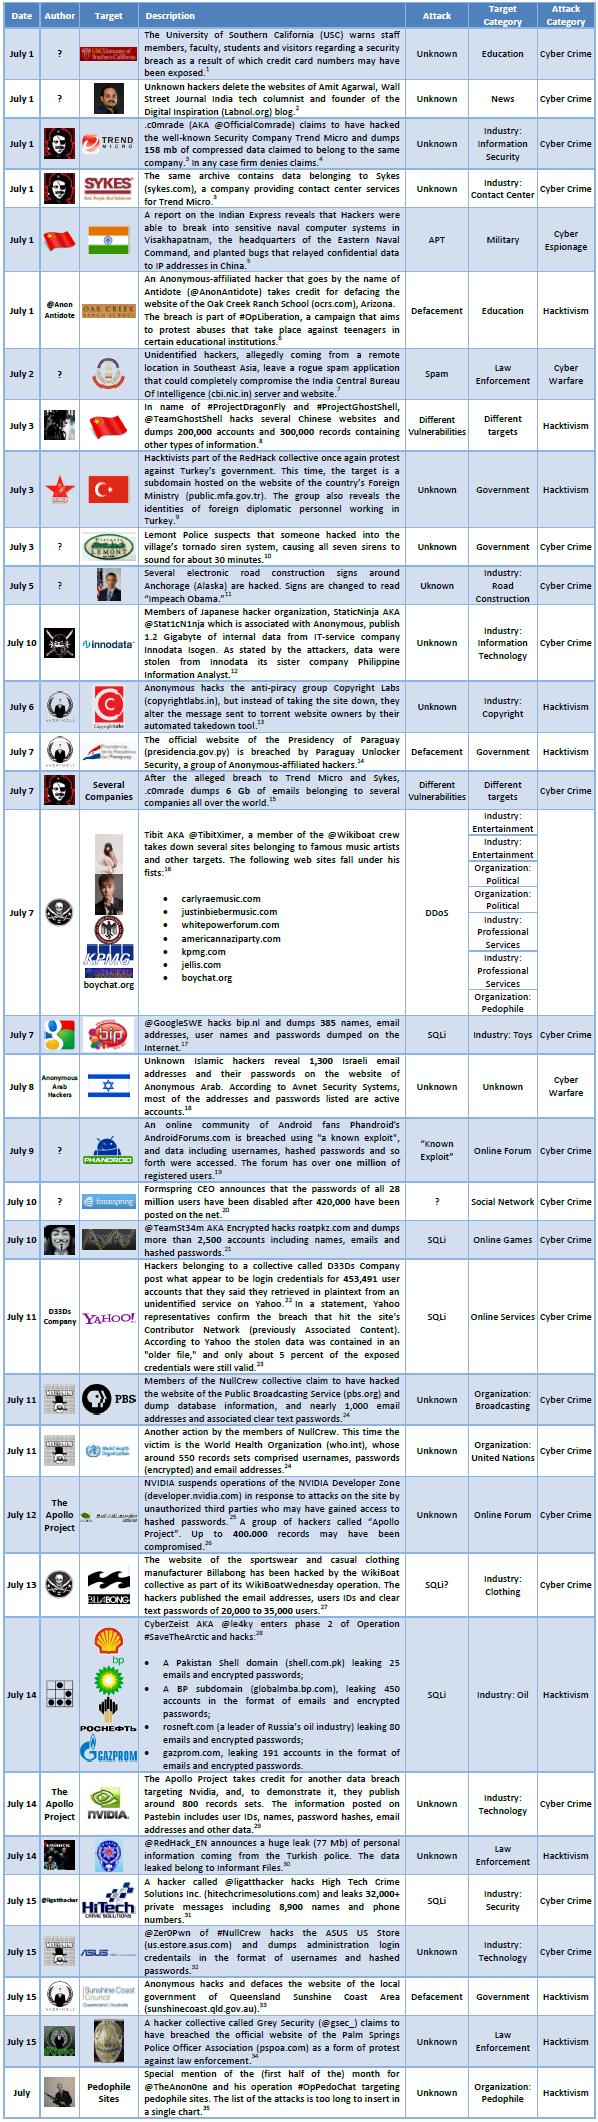 July 2012 Cyber Attacks Timeline Part I Hackmageddon